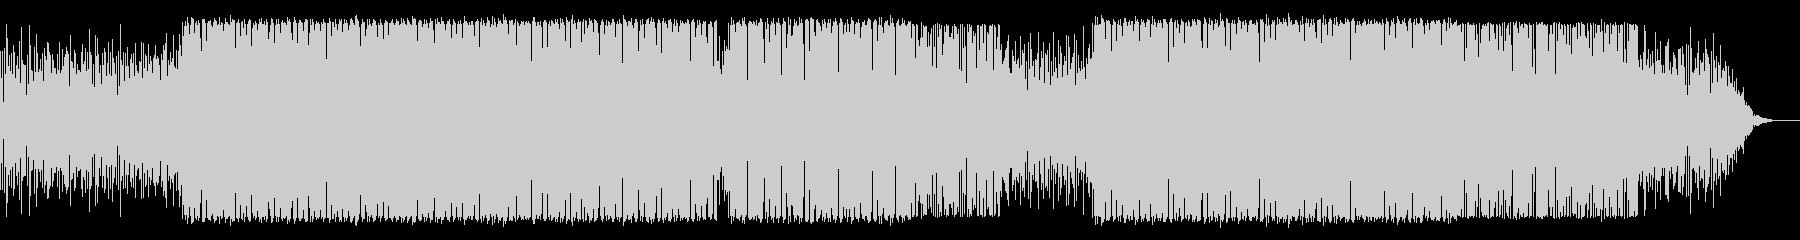 ニュース・映像向け未来的テクノBGMの未再生の波形